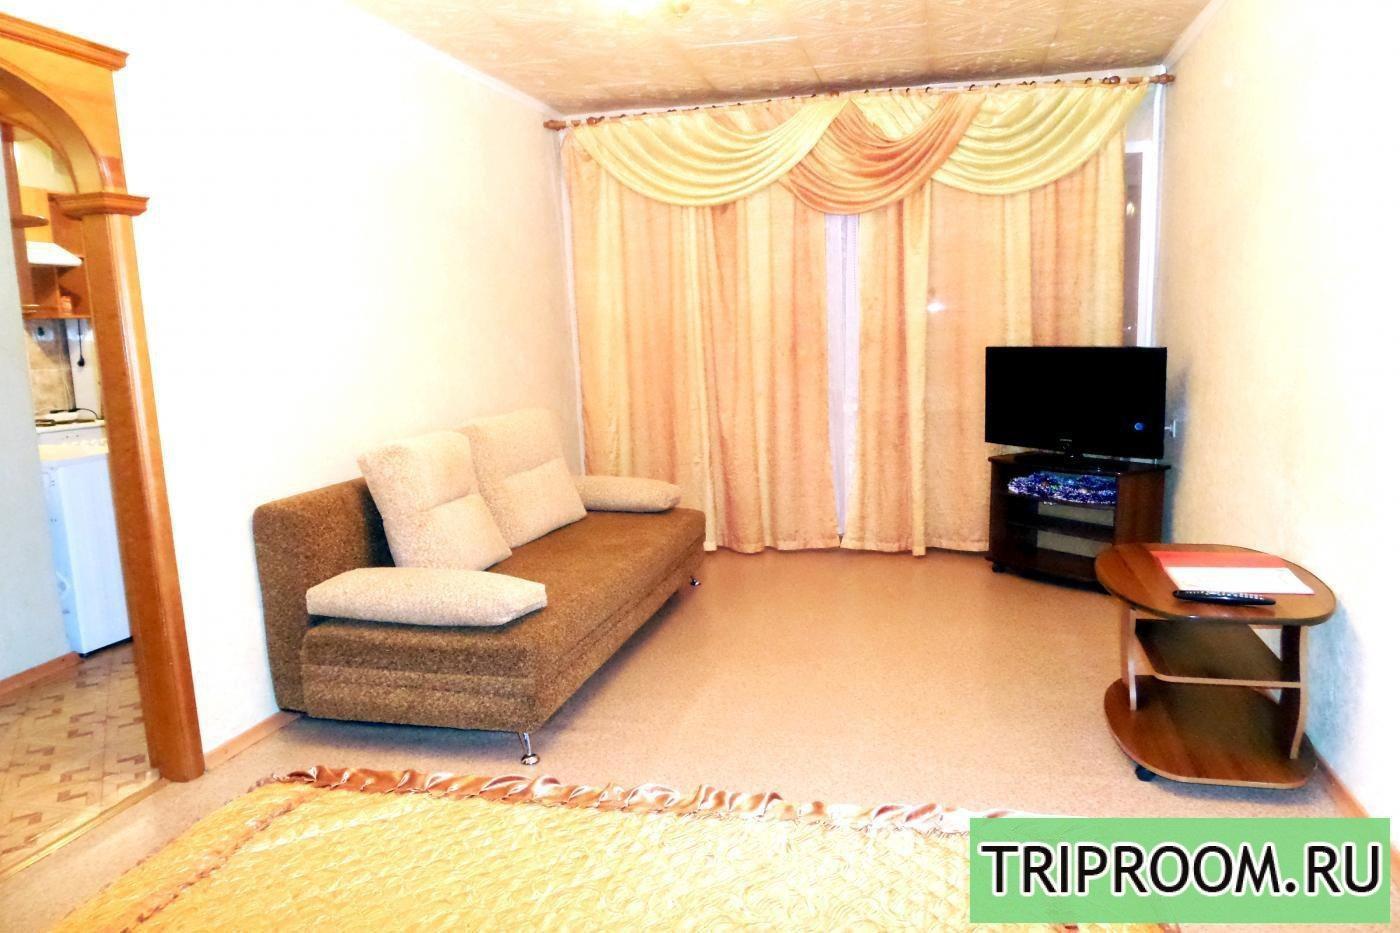 1-комнатная квартира посуточно (вариант № 14581), ул. Красной Армии улица, фото № 1